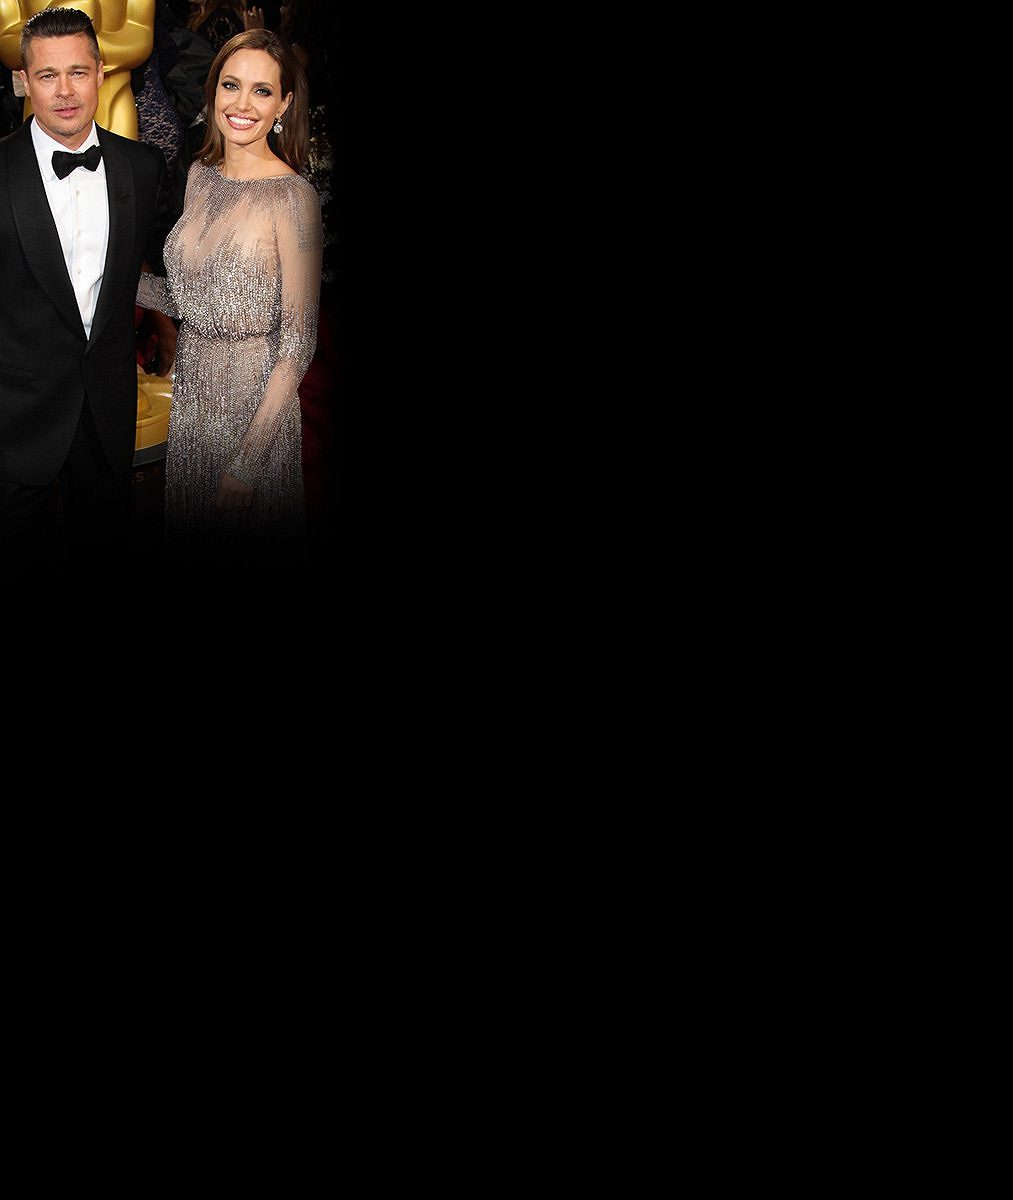 Už mají po líbánkách: Kde je novomanželé Jolie a Pitt trávili?